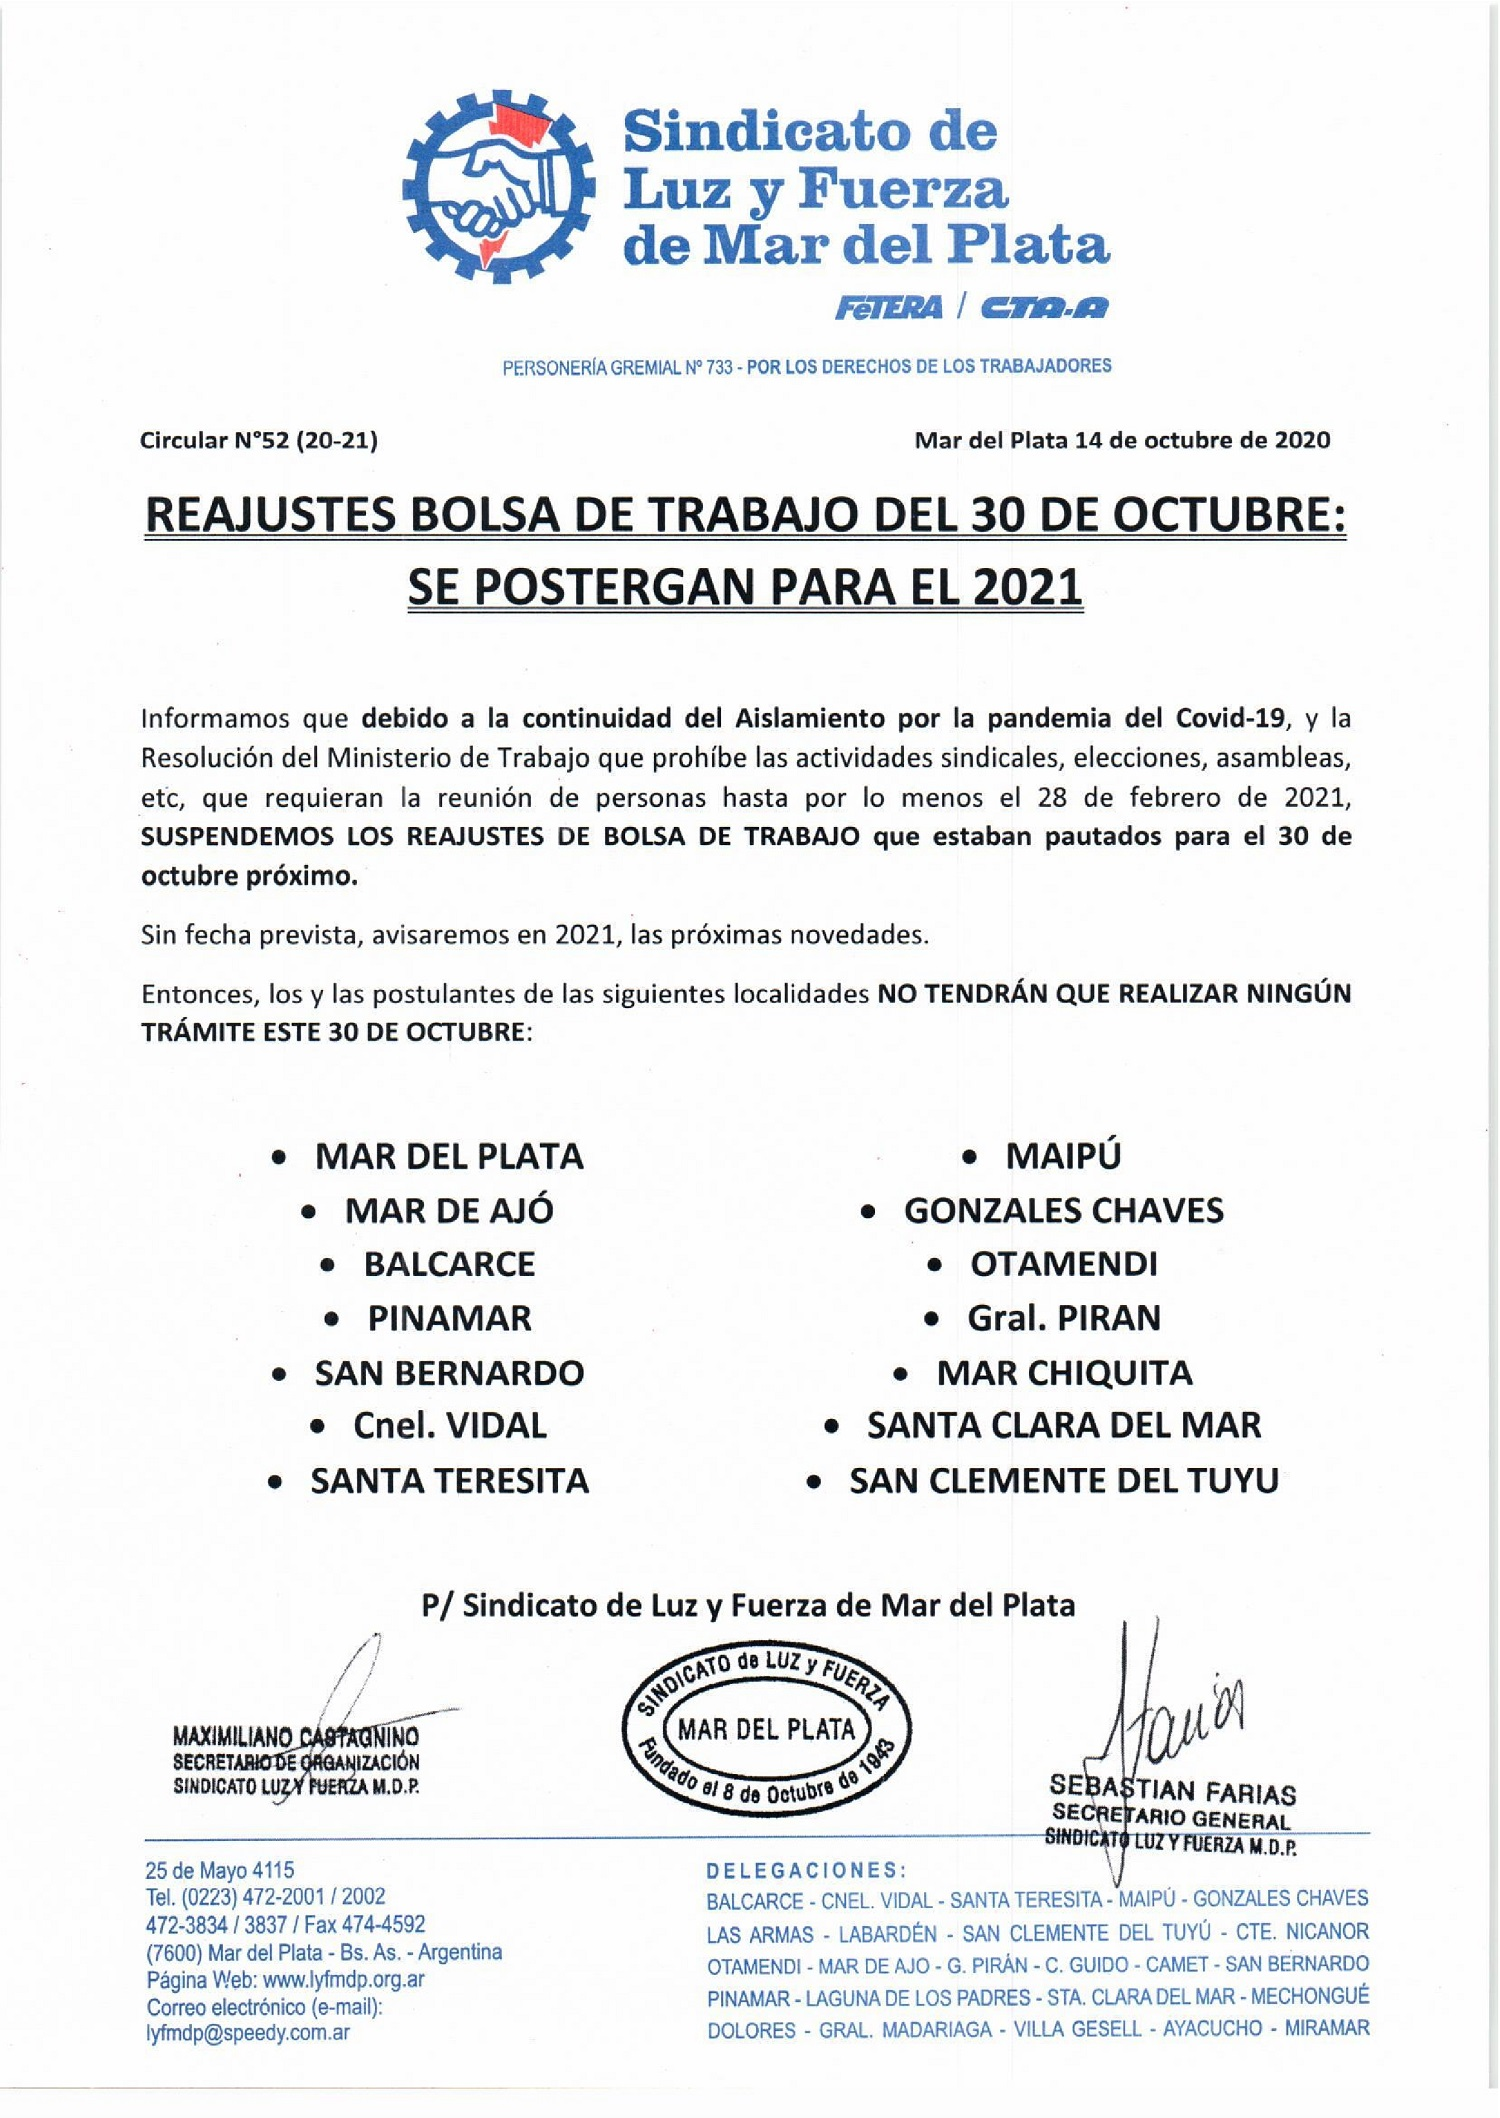 REAJUSTES BOLSA DE TRABAJO DEL 30 DE OCTUBRE:  SE POSTERGAN PARA EL 2021